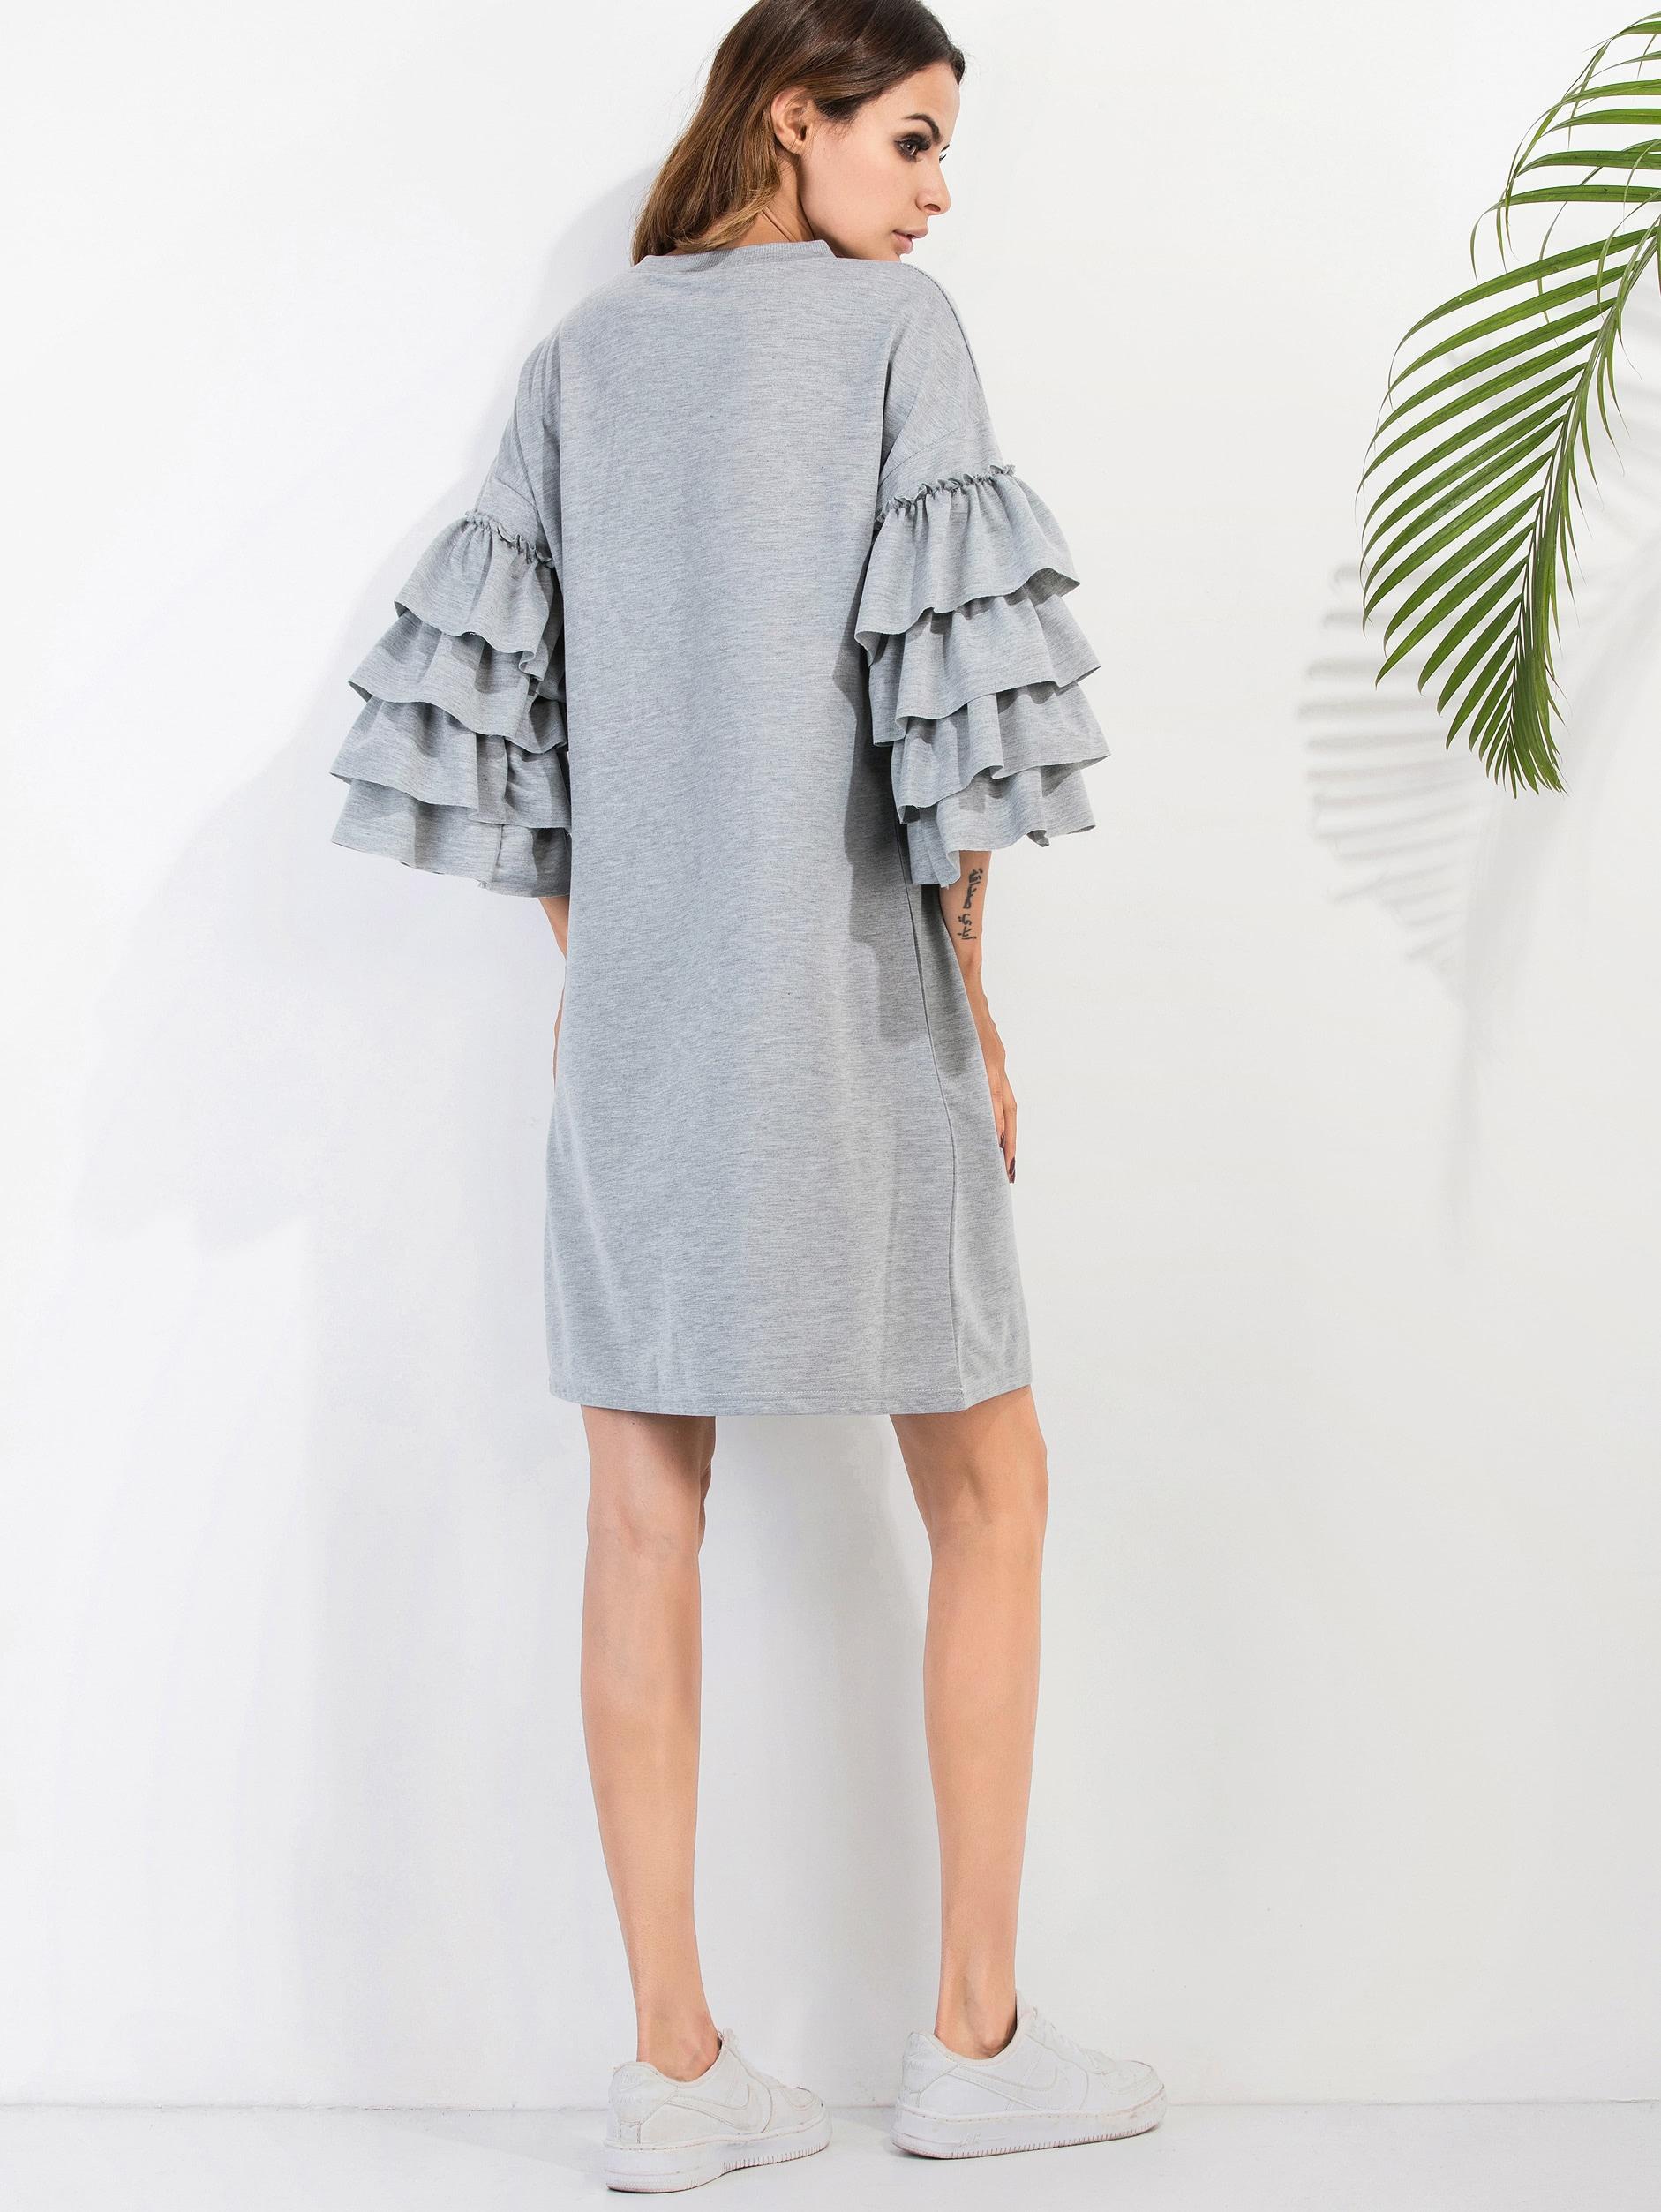 dress161012104_2